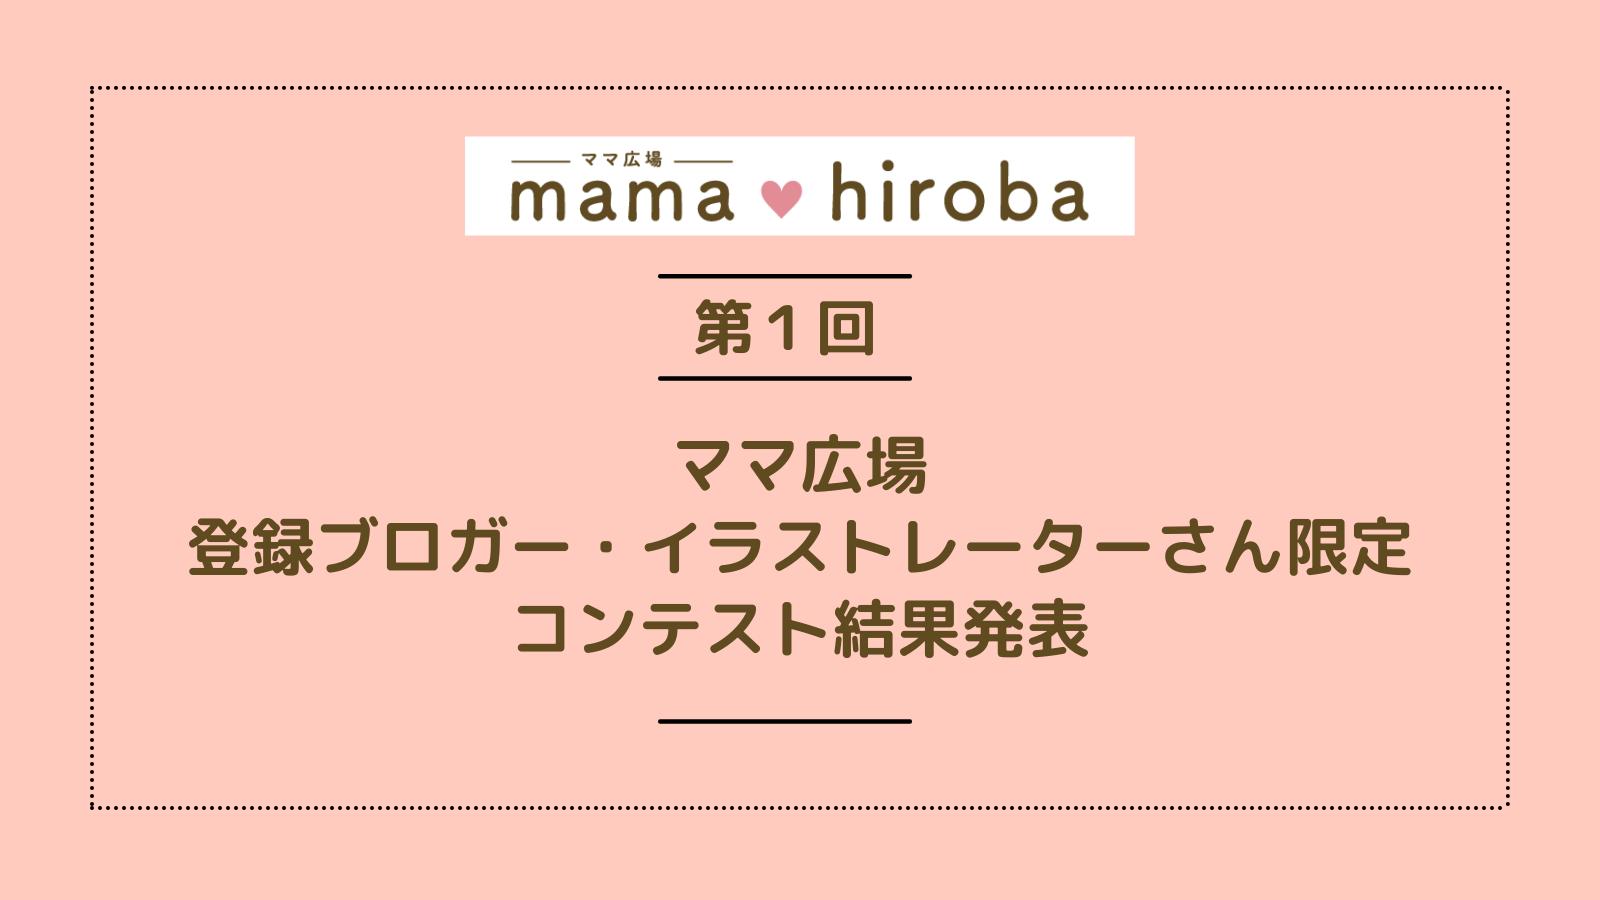 第1回ママ広場コンテスト結果発表